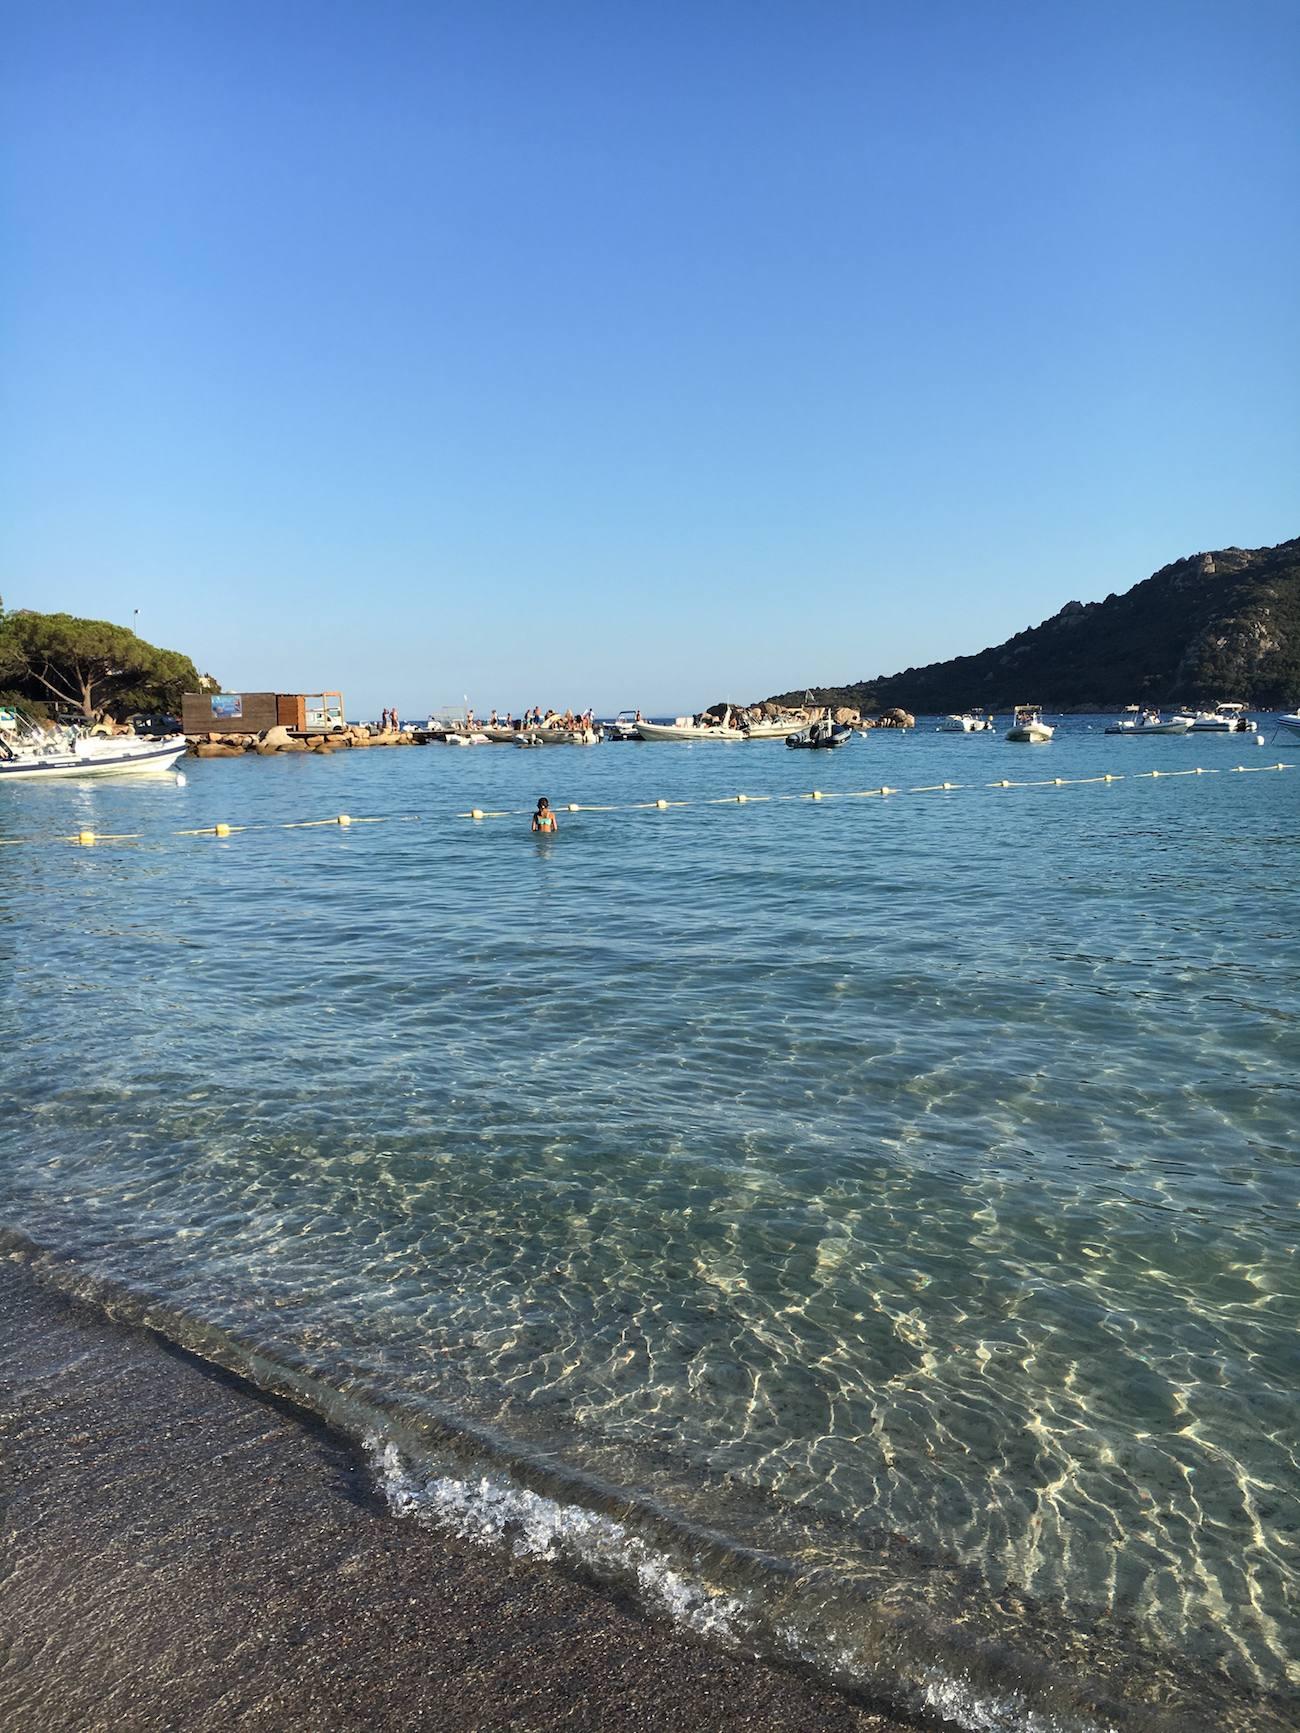 Corse - Road trip bonnes adresses - Blog Voyage nantes 7